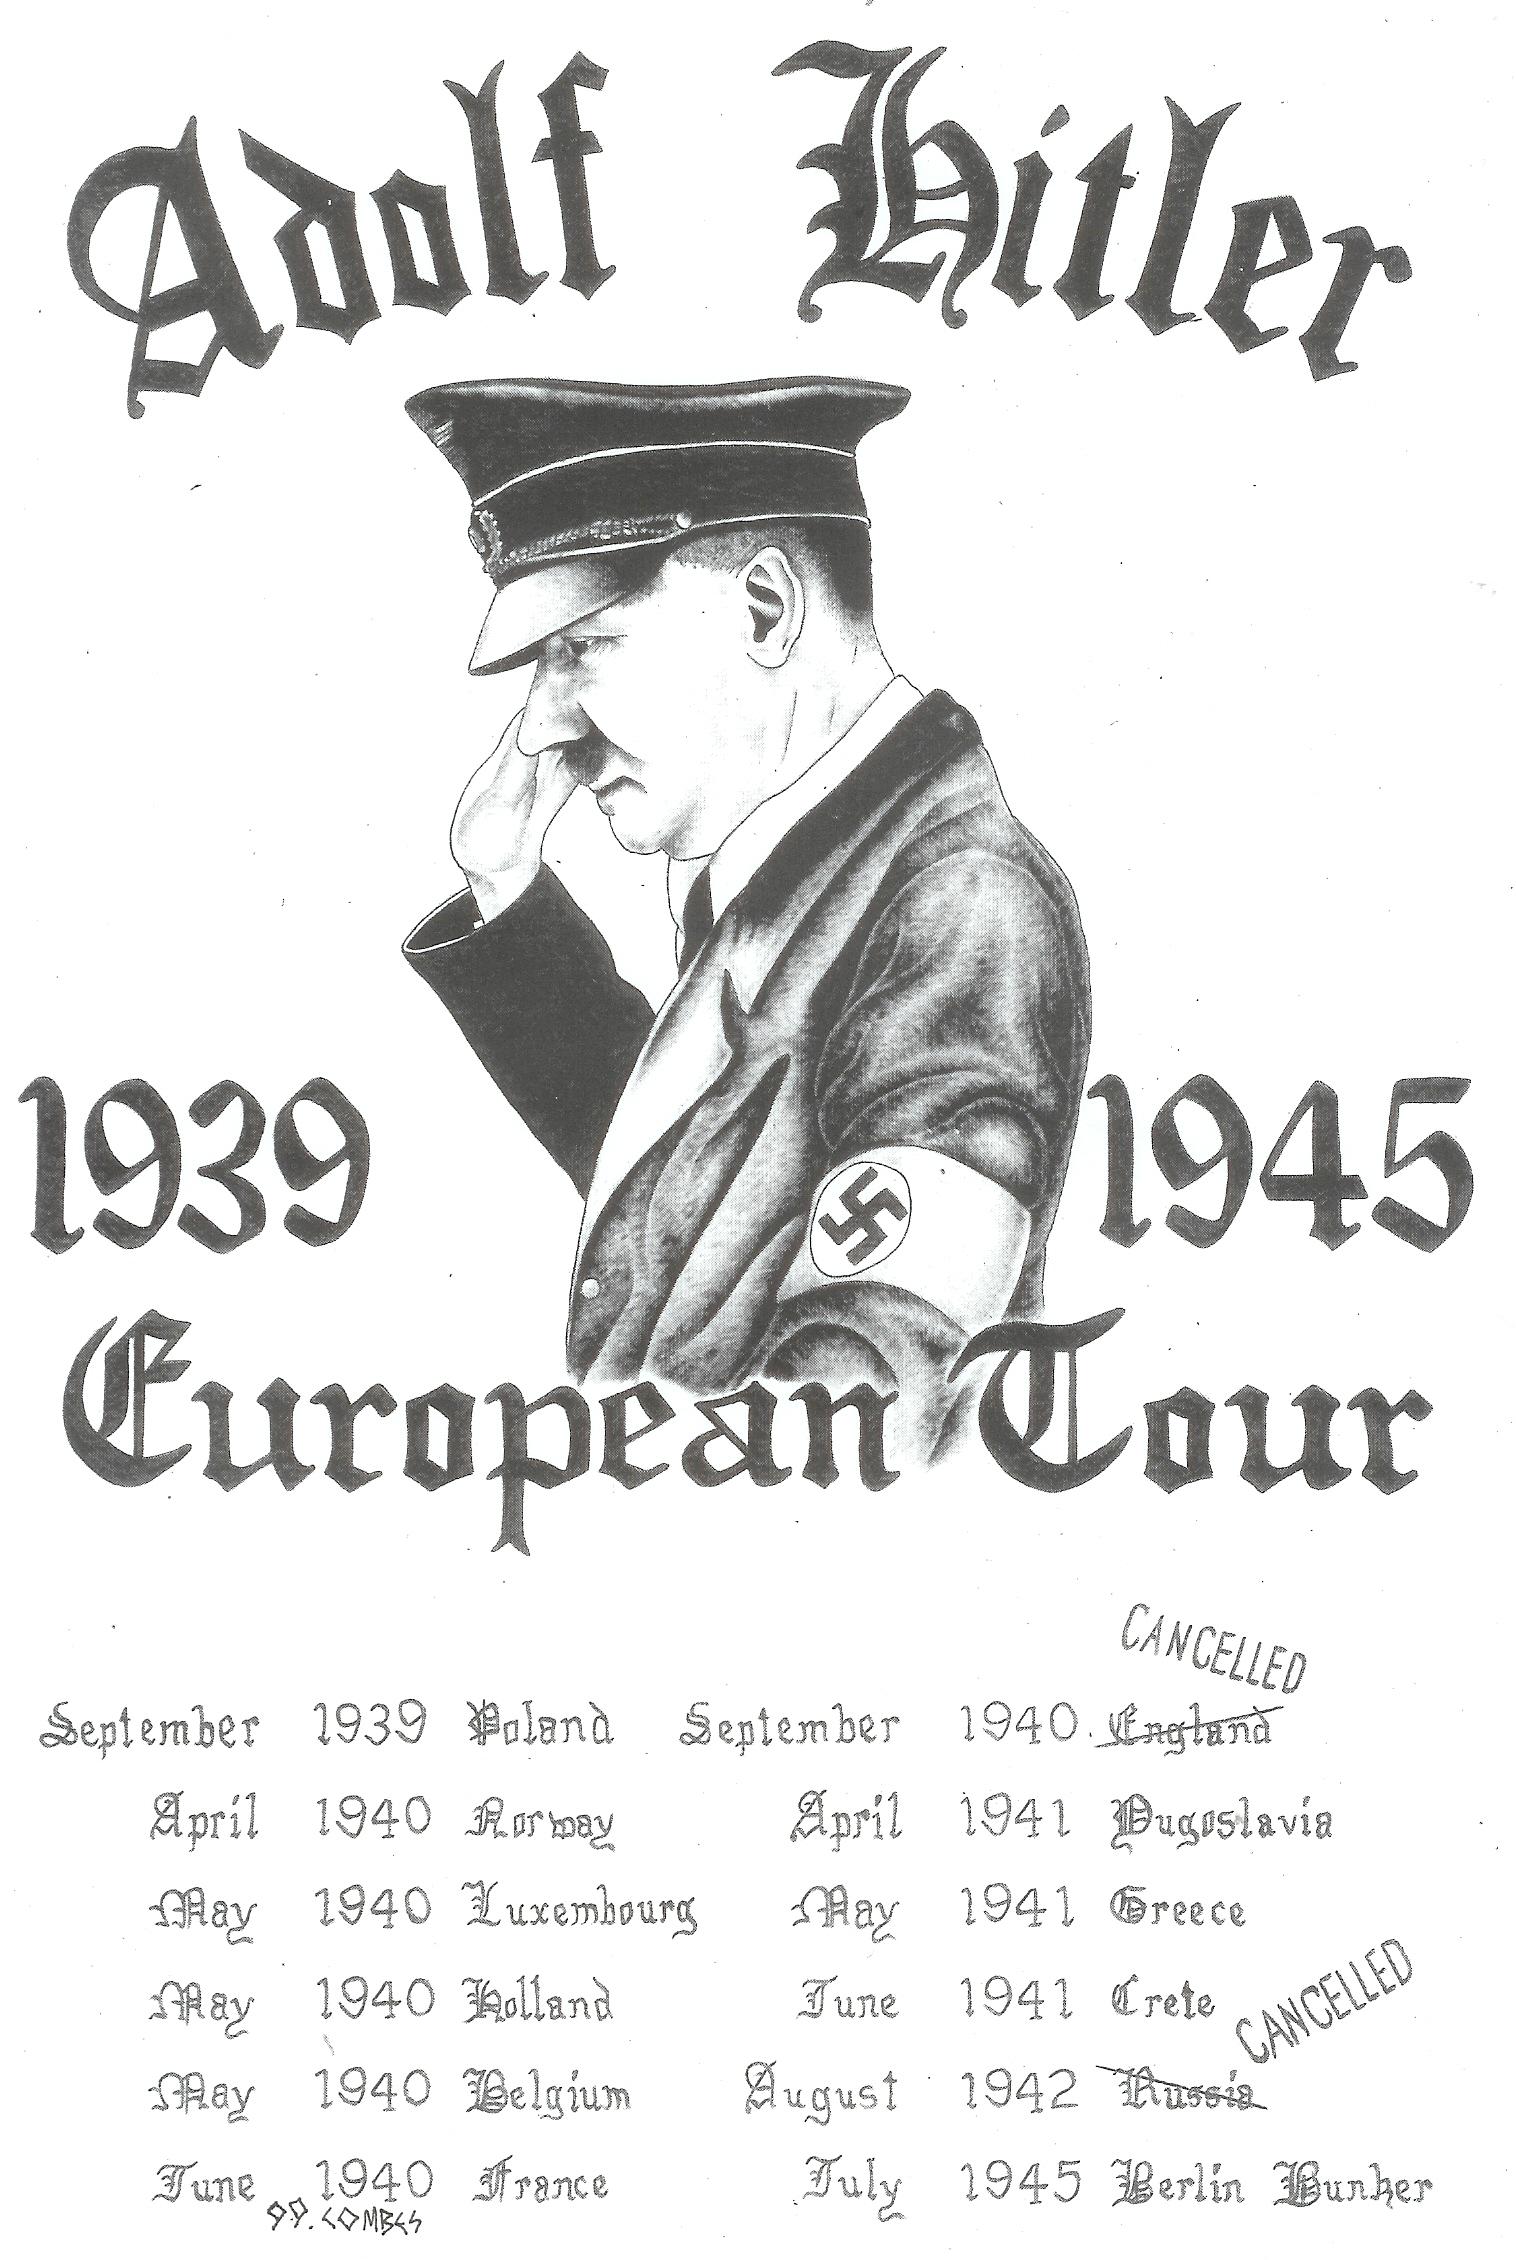 adolf_hitler_the_european_tour_by_phoeni